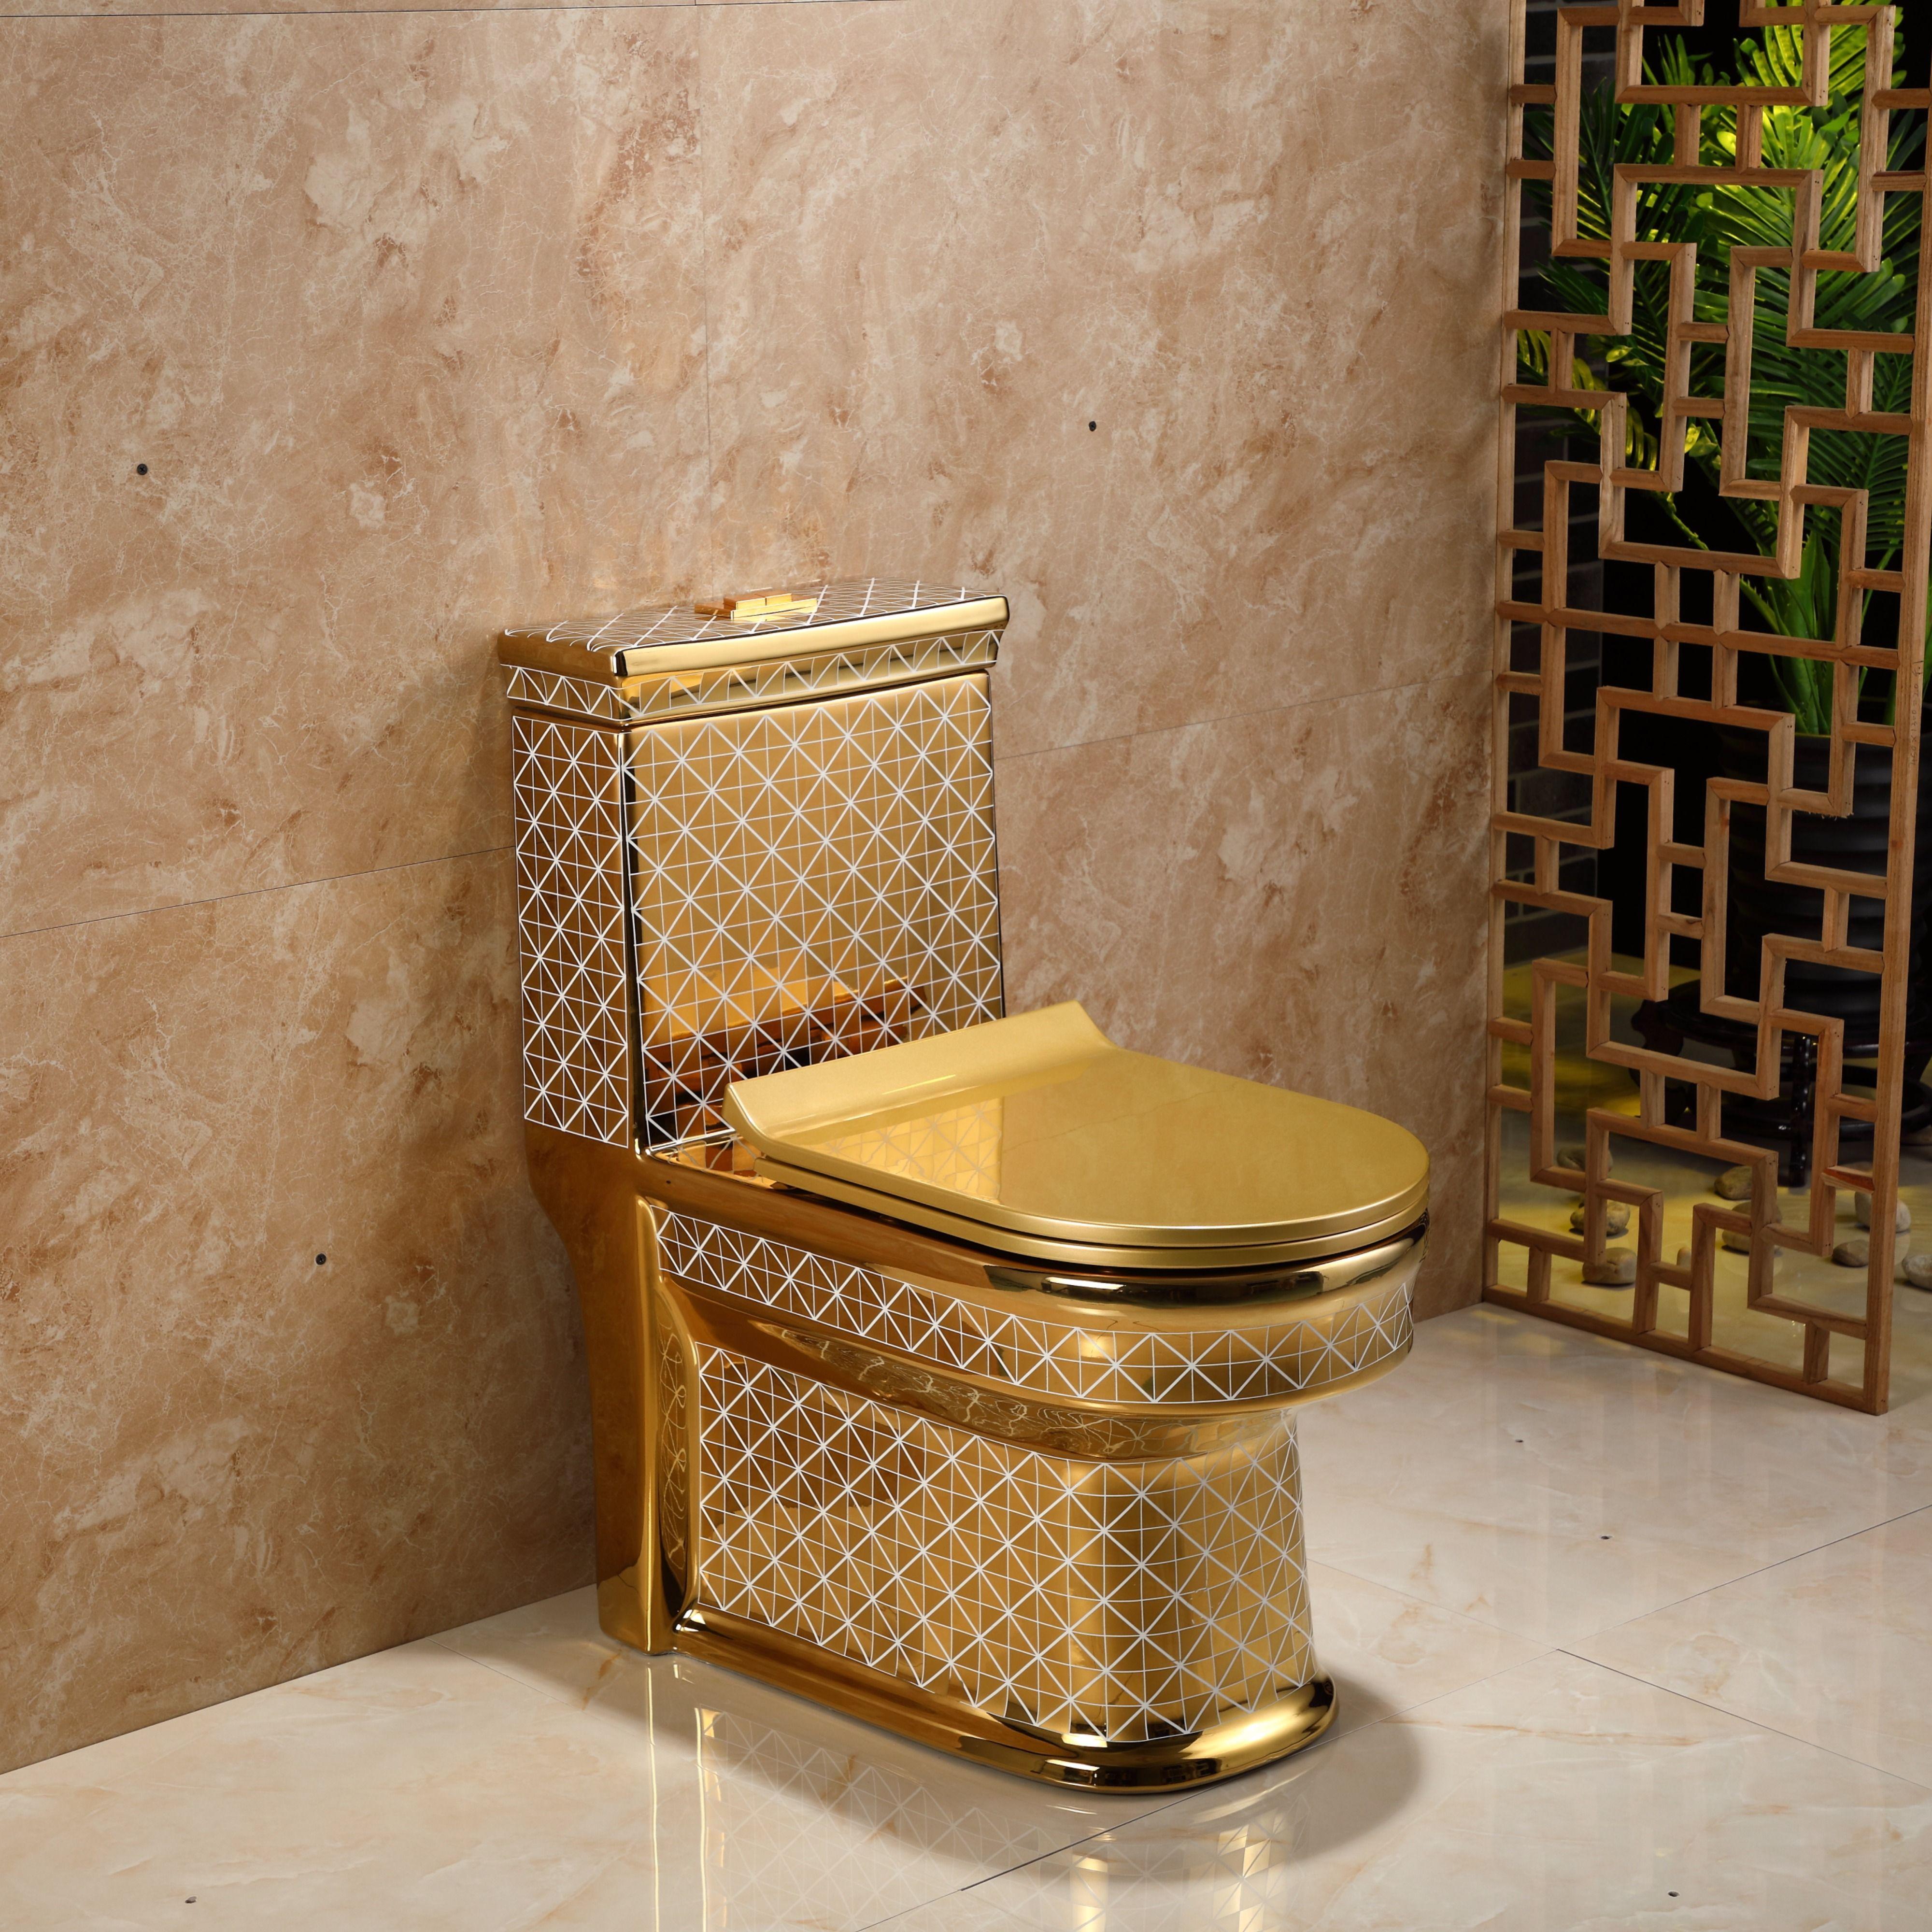 Pin On Luxury Golden Toilet